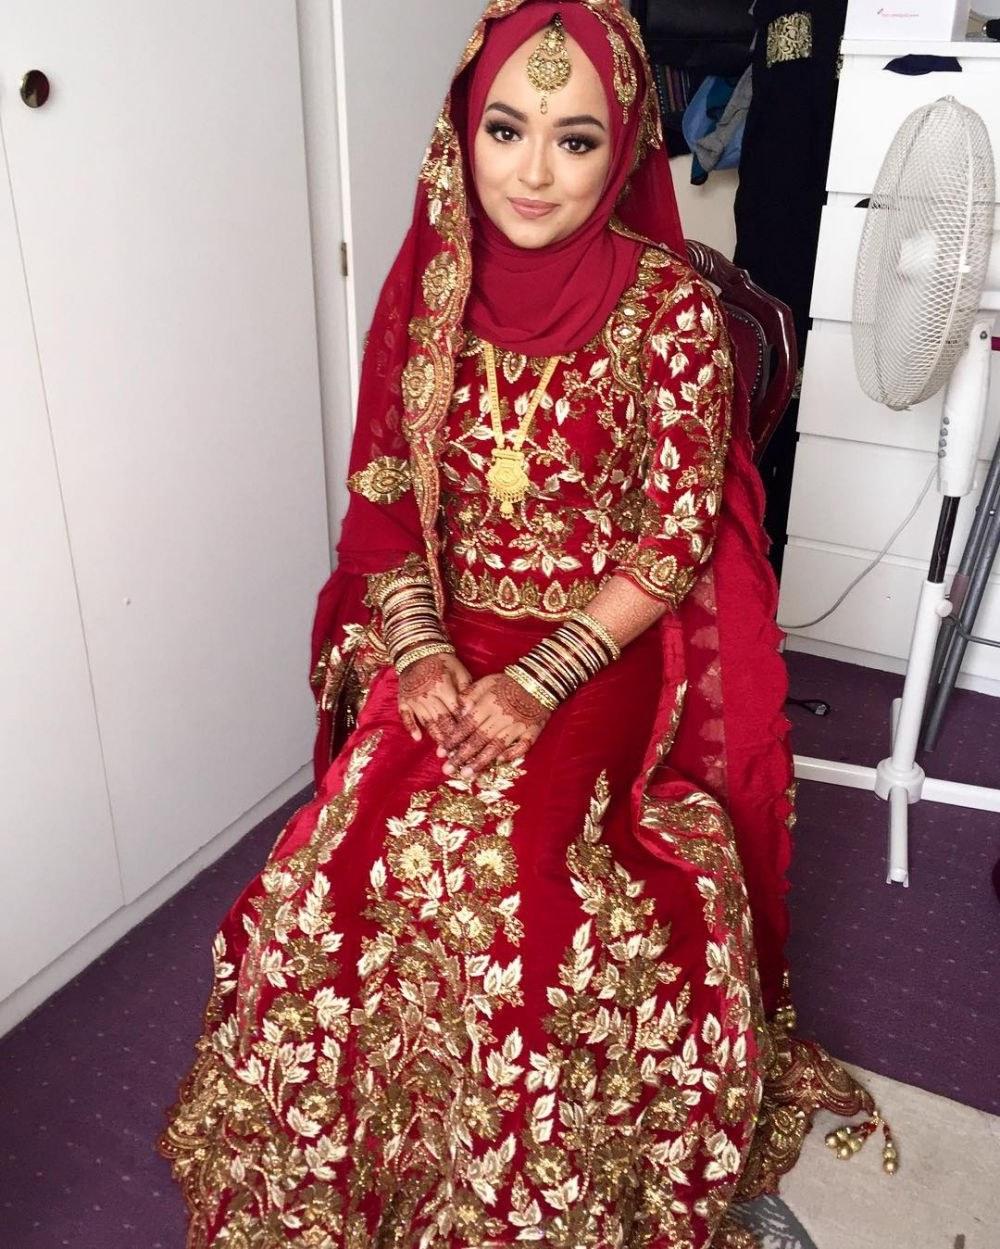 Bentuk Gaun Pengantin Muslimah Warna Merah Marun E9dx 20 Inspirasi Riasan Pengantin Ala India Untuk Wanita Berhijab